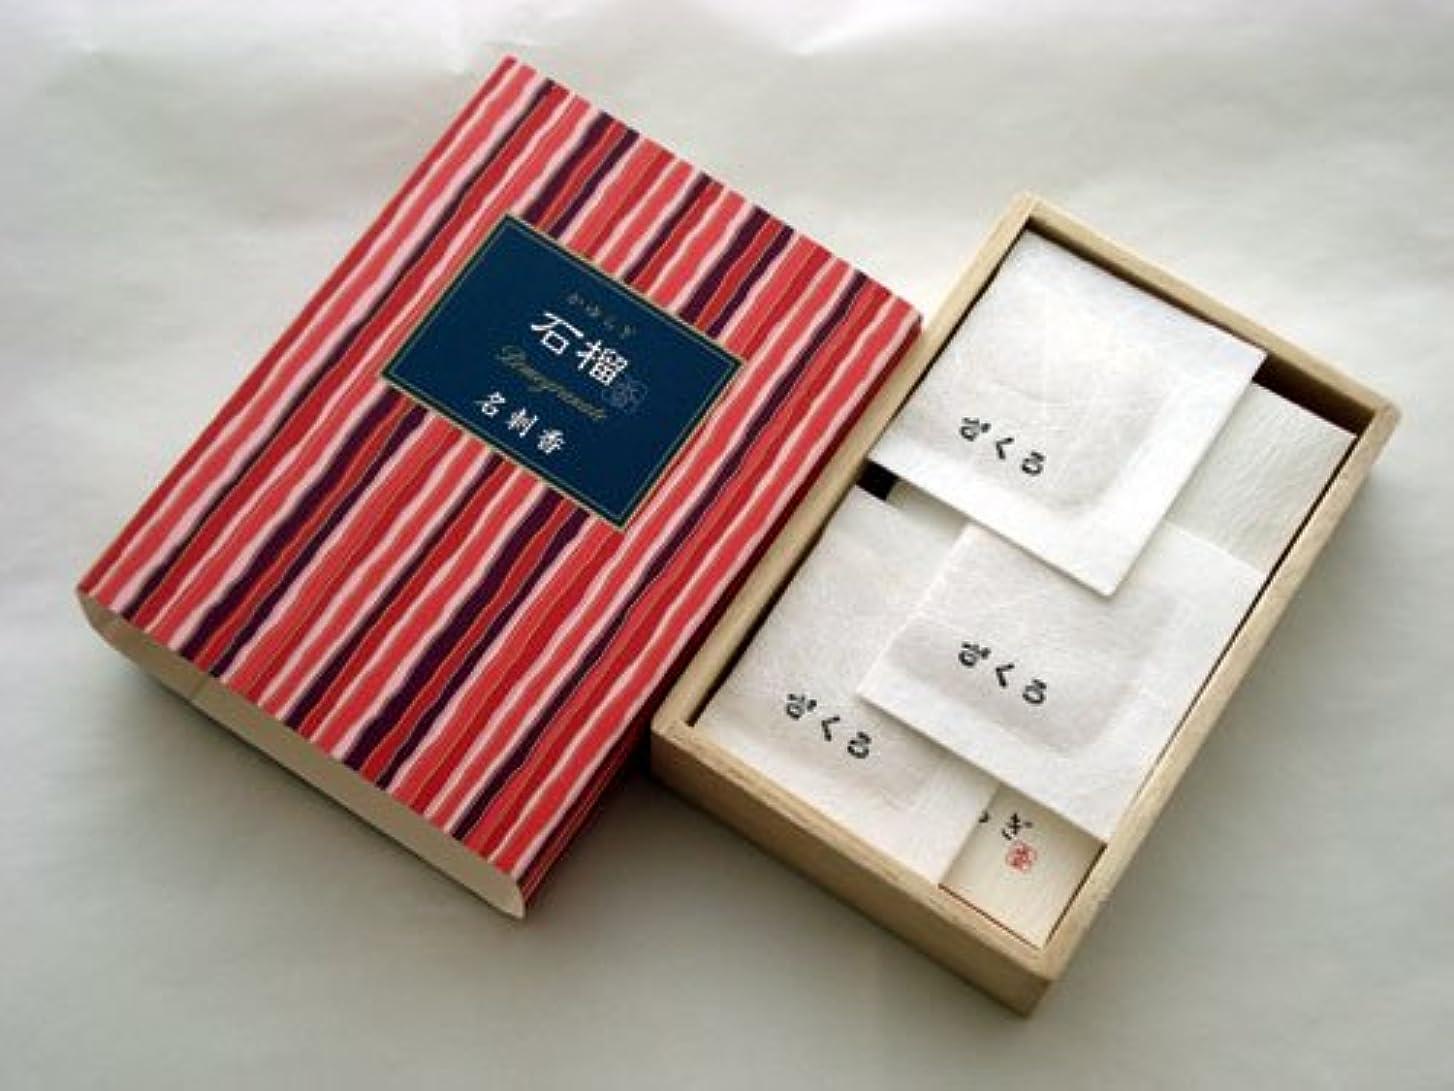 略すスイインゲンかゆらぎ 石榴(ざくろ) 名刺香 桐箱6入